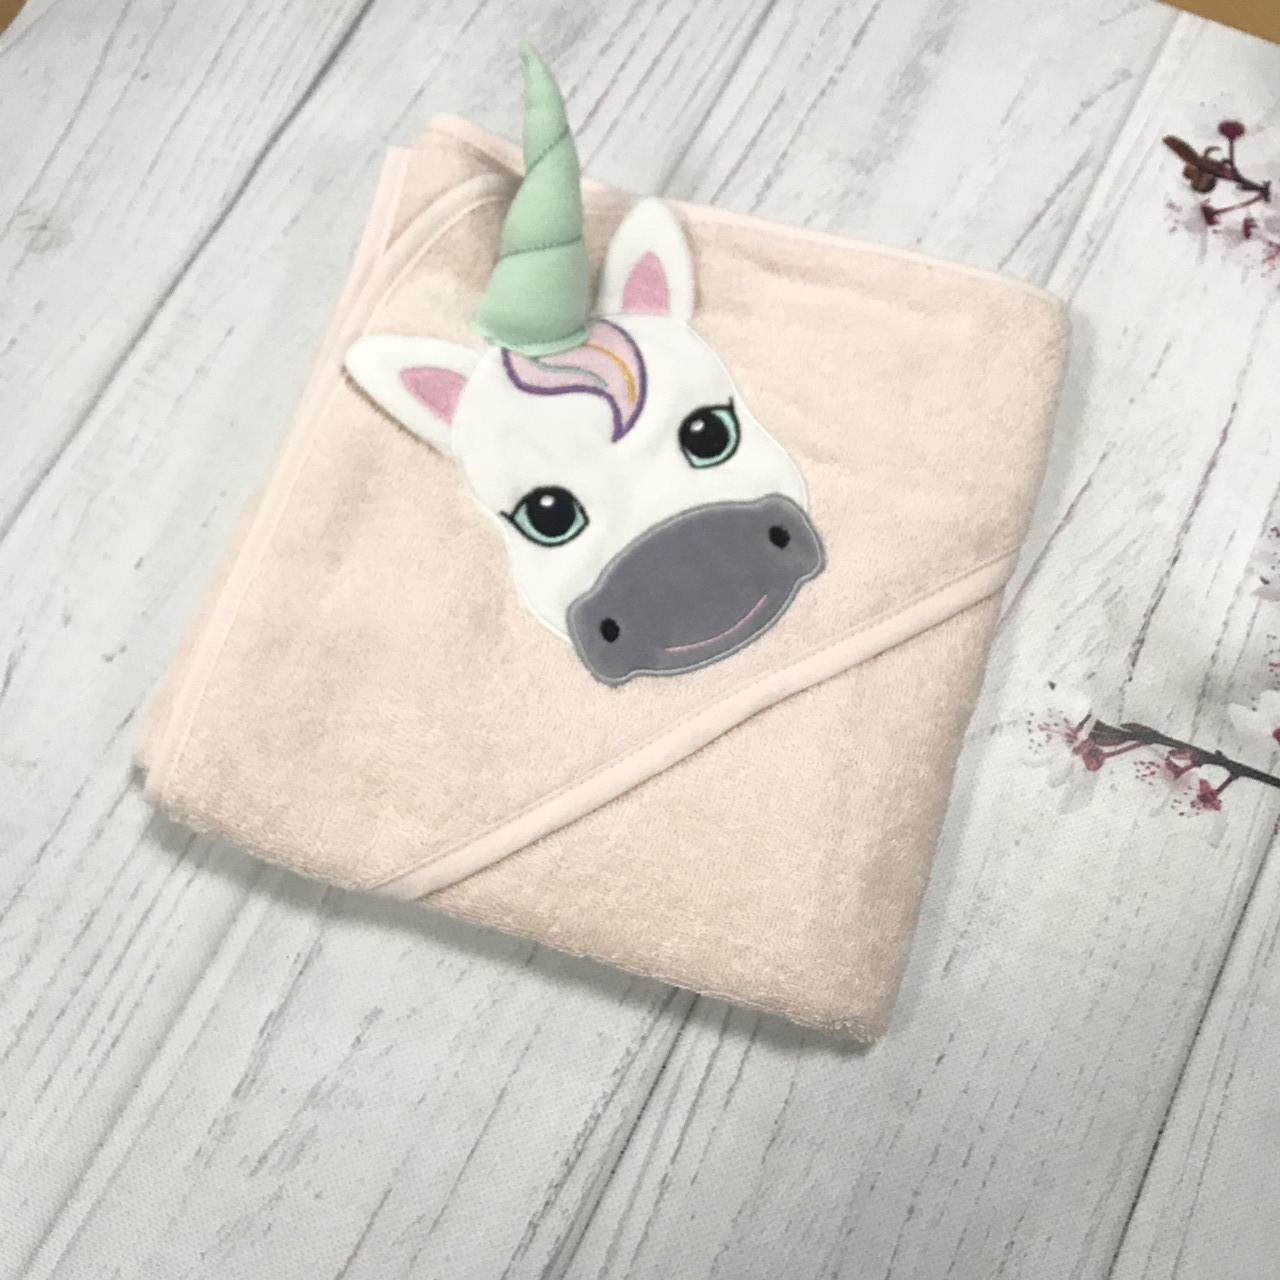 Махровый детский уголок единорог розовый 80*80 см (100% хлопок)